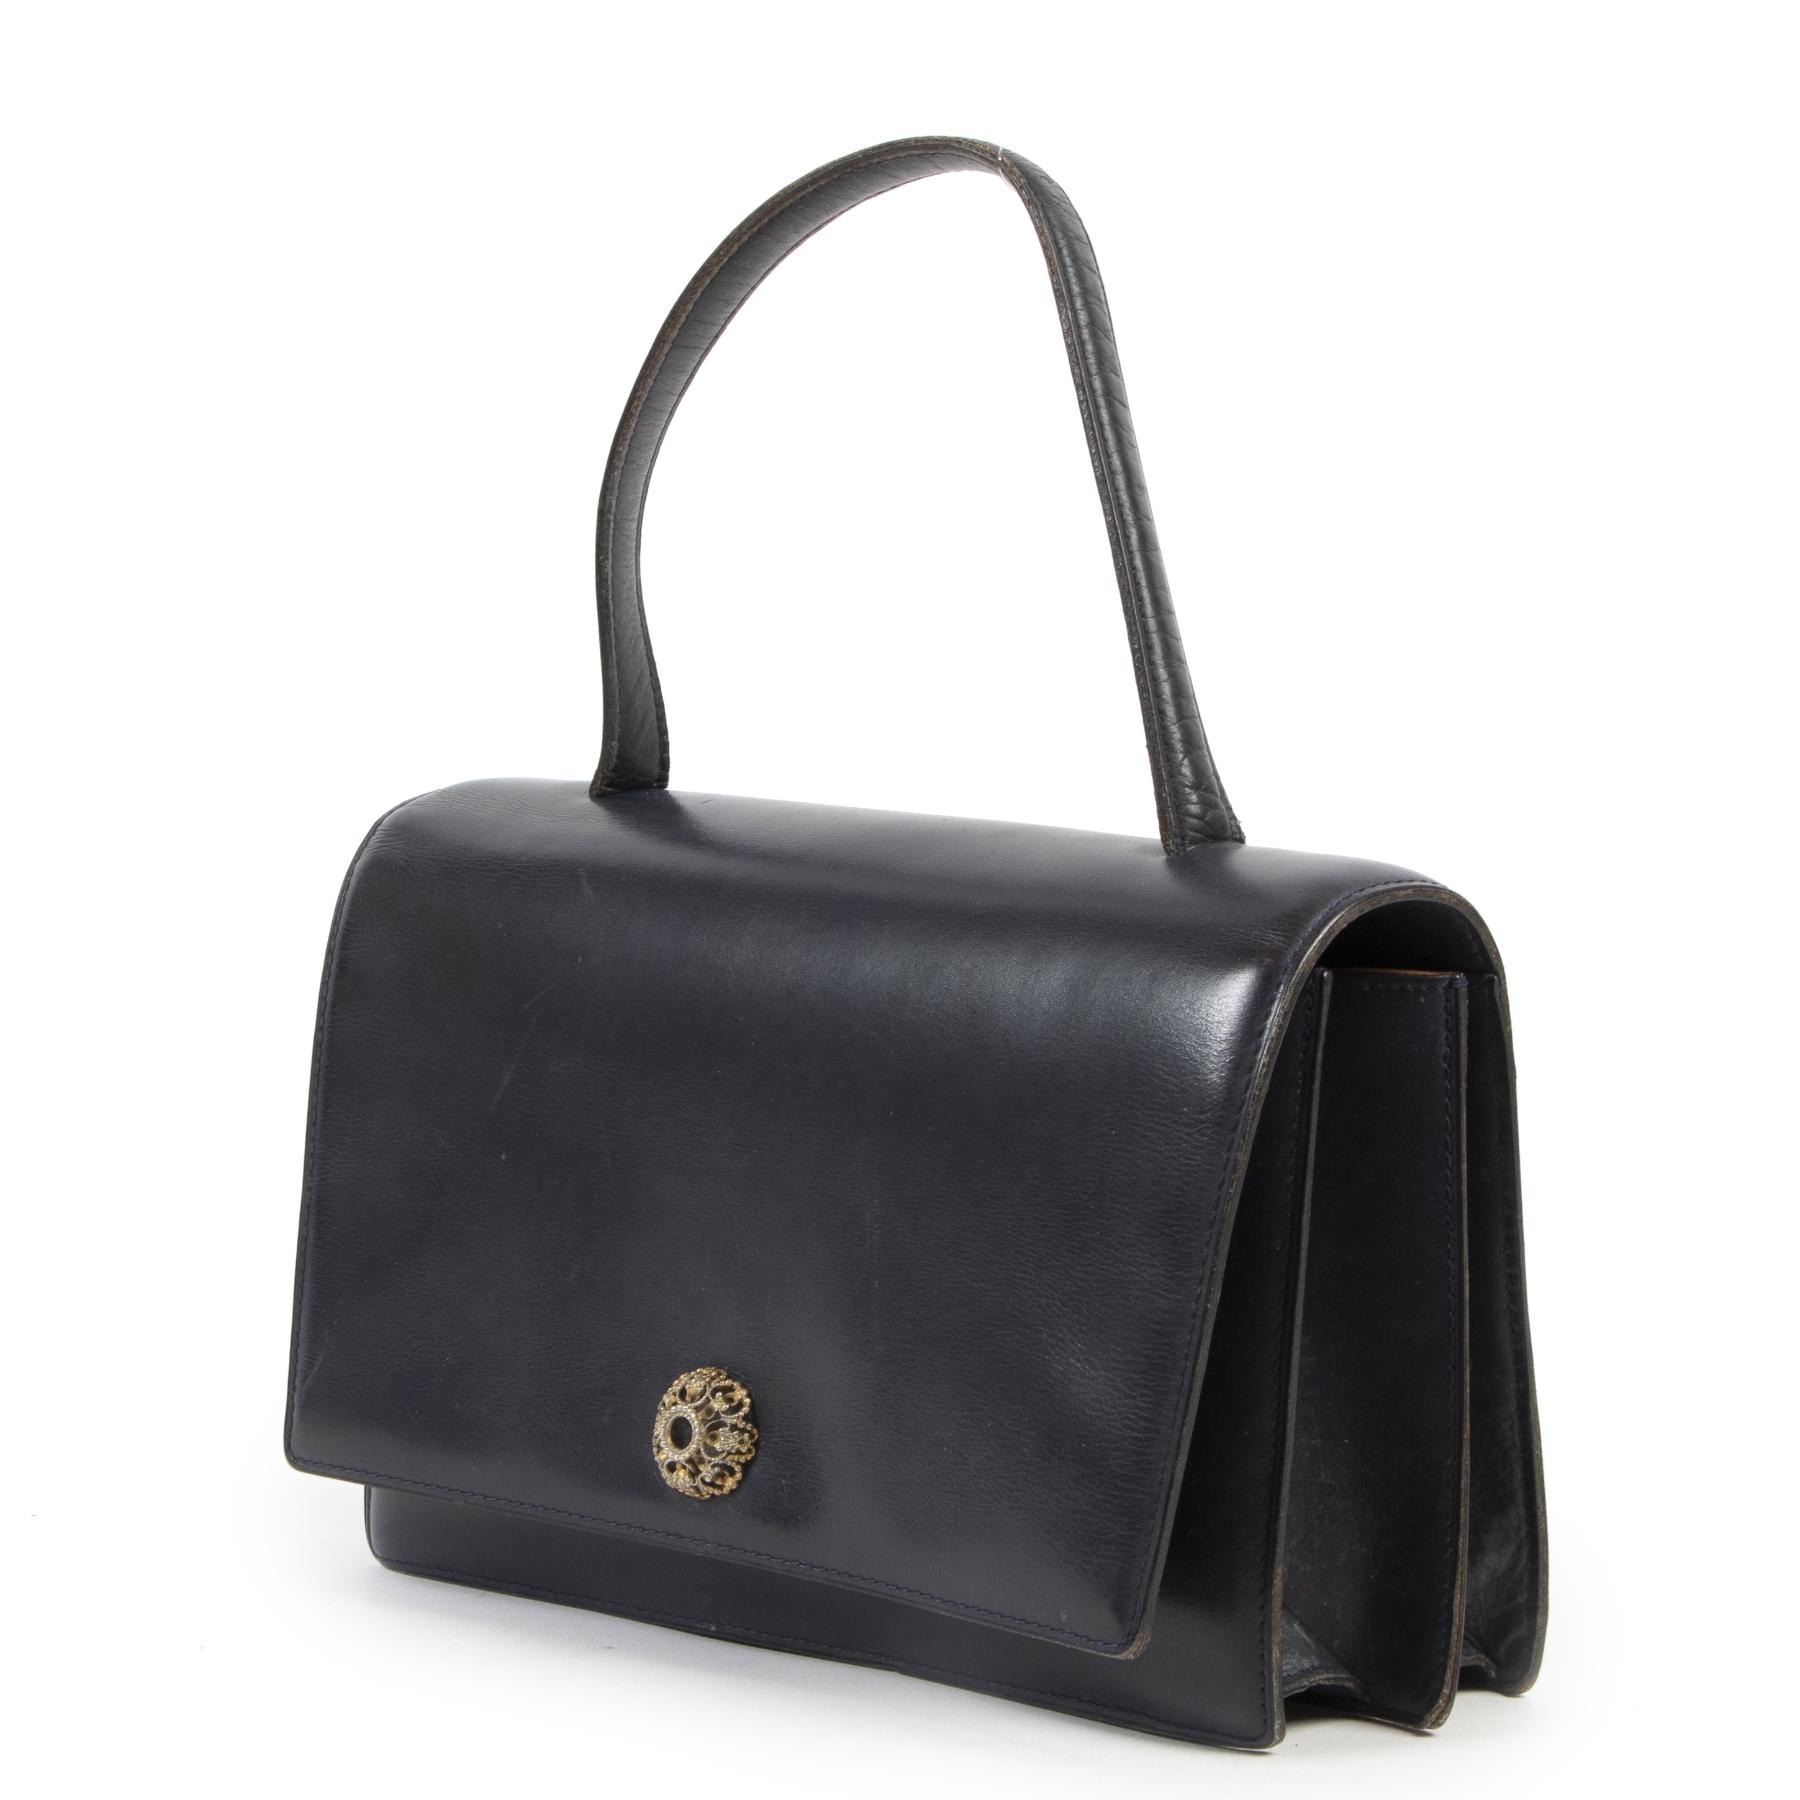 Koop authentieke tweedehands Delvaux handtassen met juiste prijs bij LabelLOV.